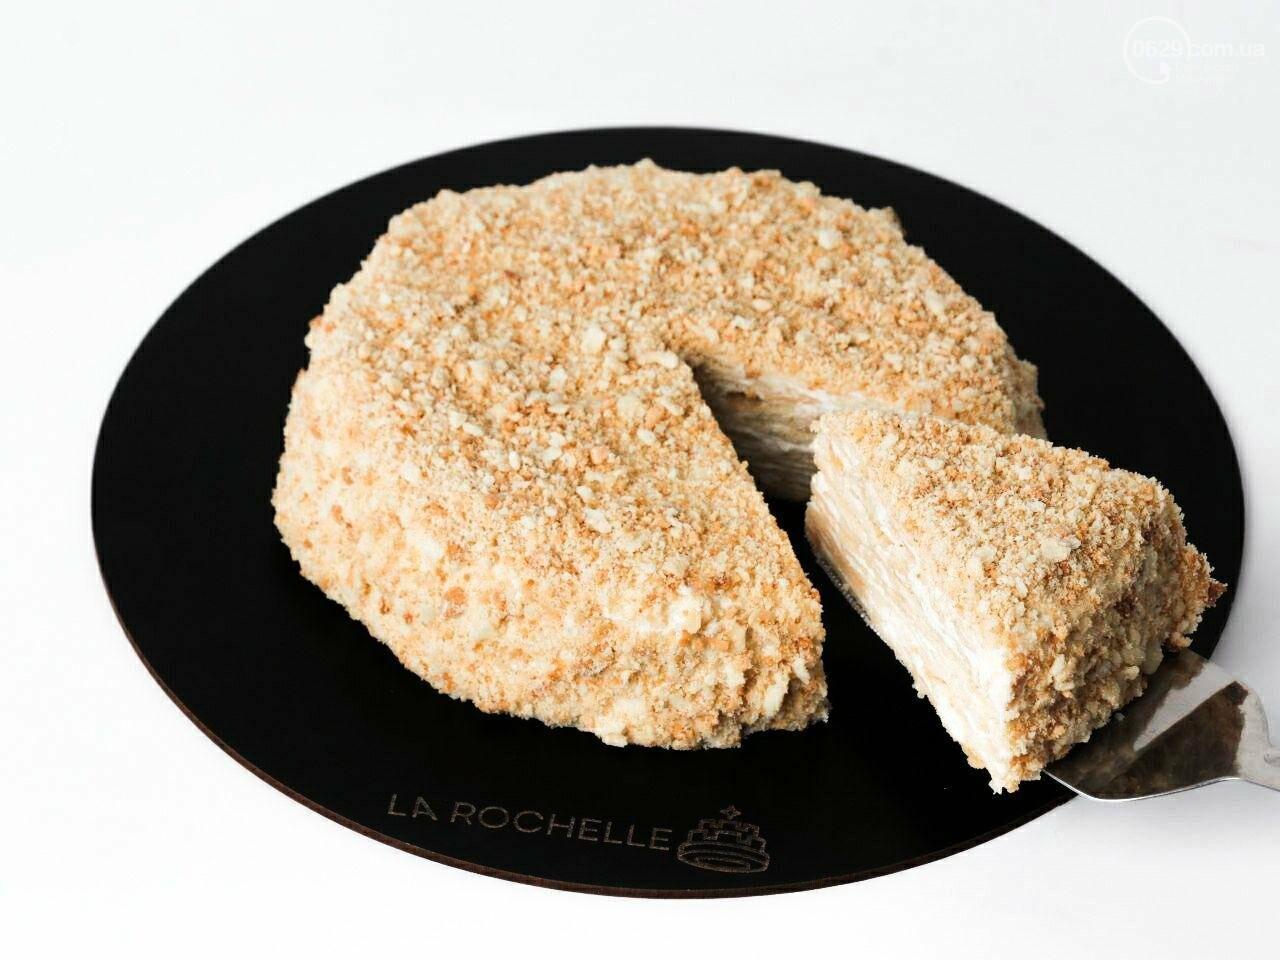 Вкуснейшие торты с доставкой по Мариуполю в течение 60 минут! LA ROCHELLE запускает интернет-магазин!, фото-12